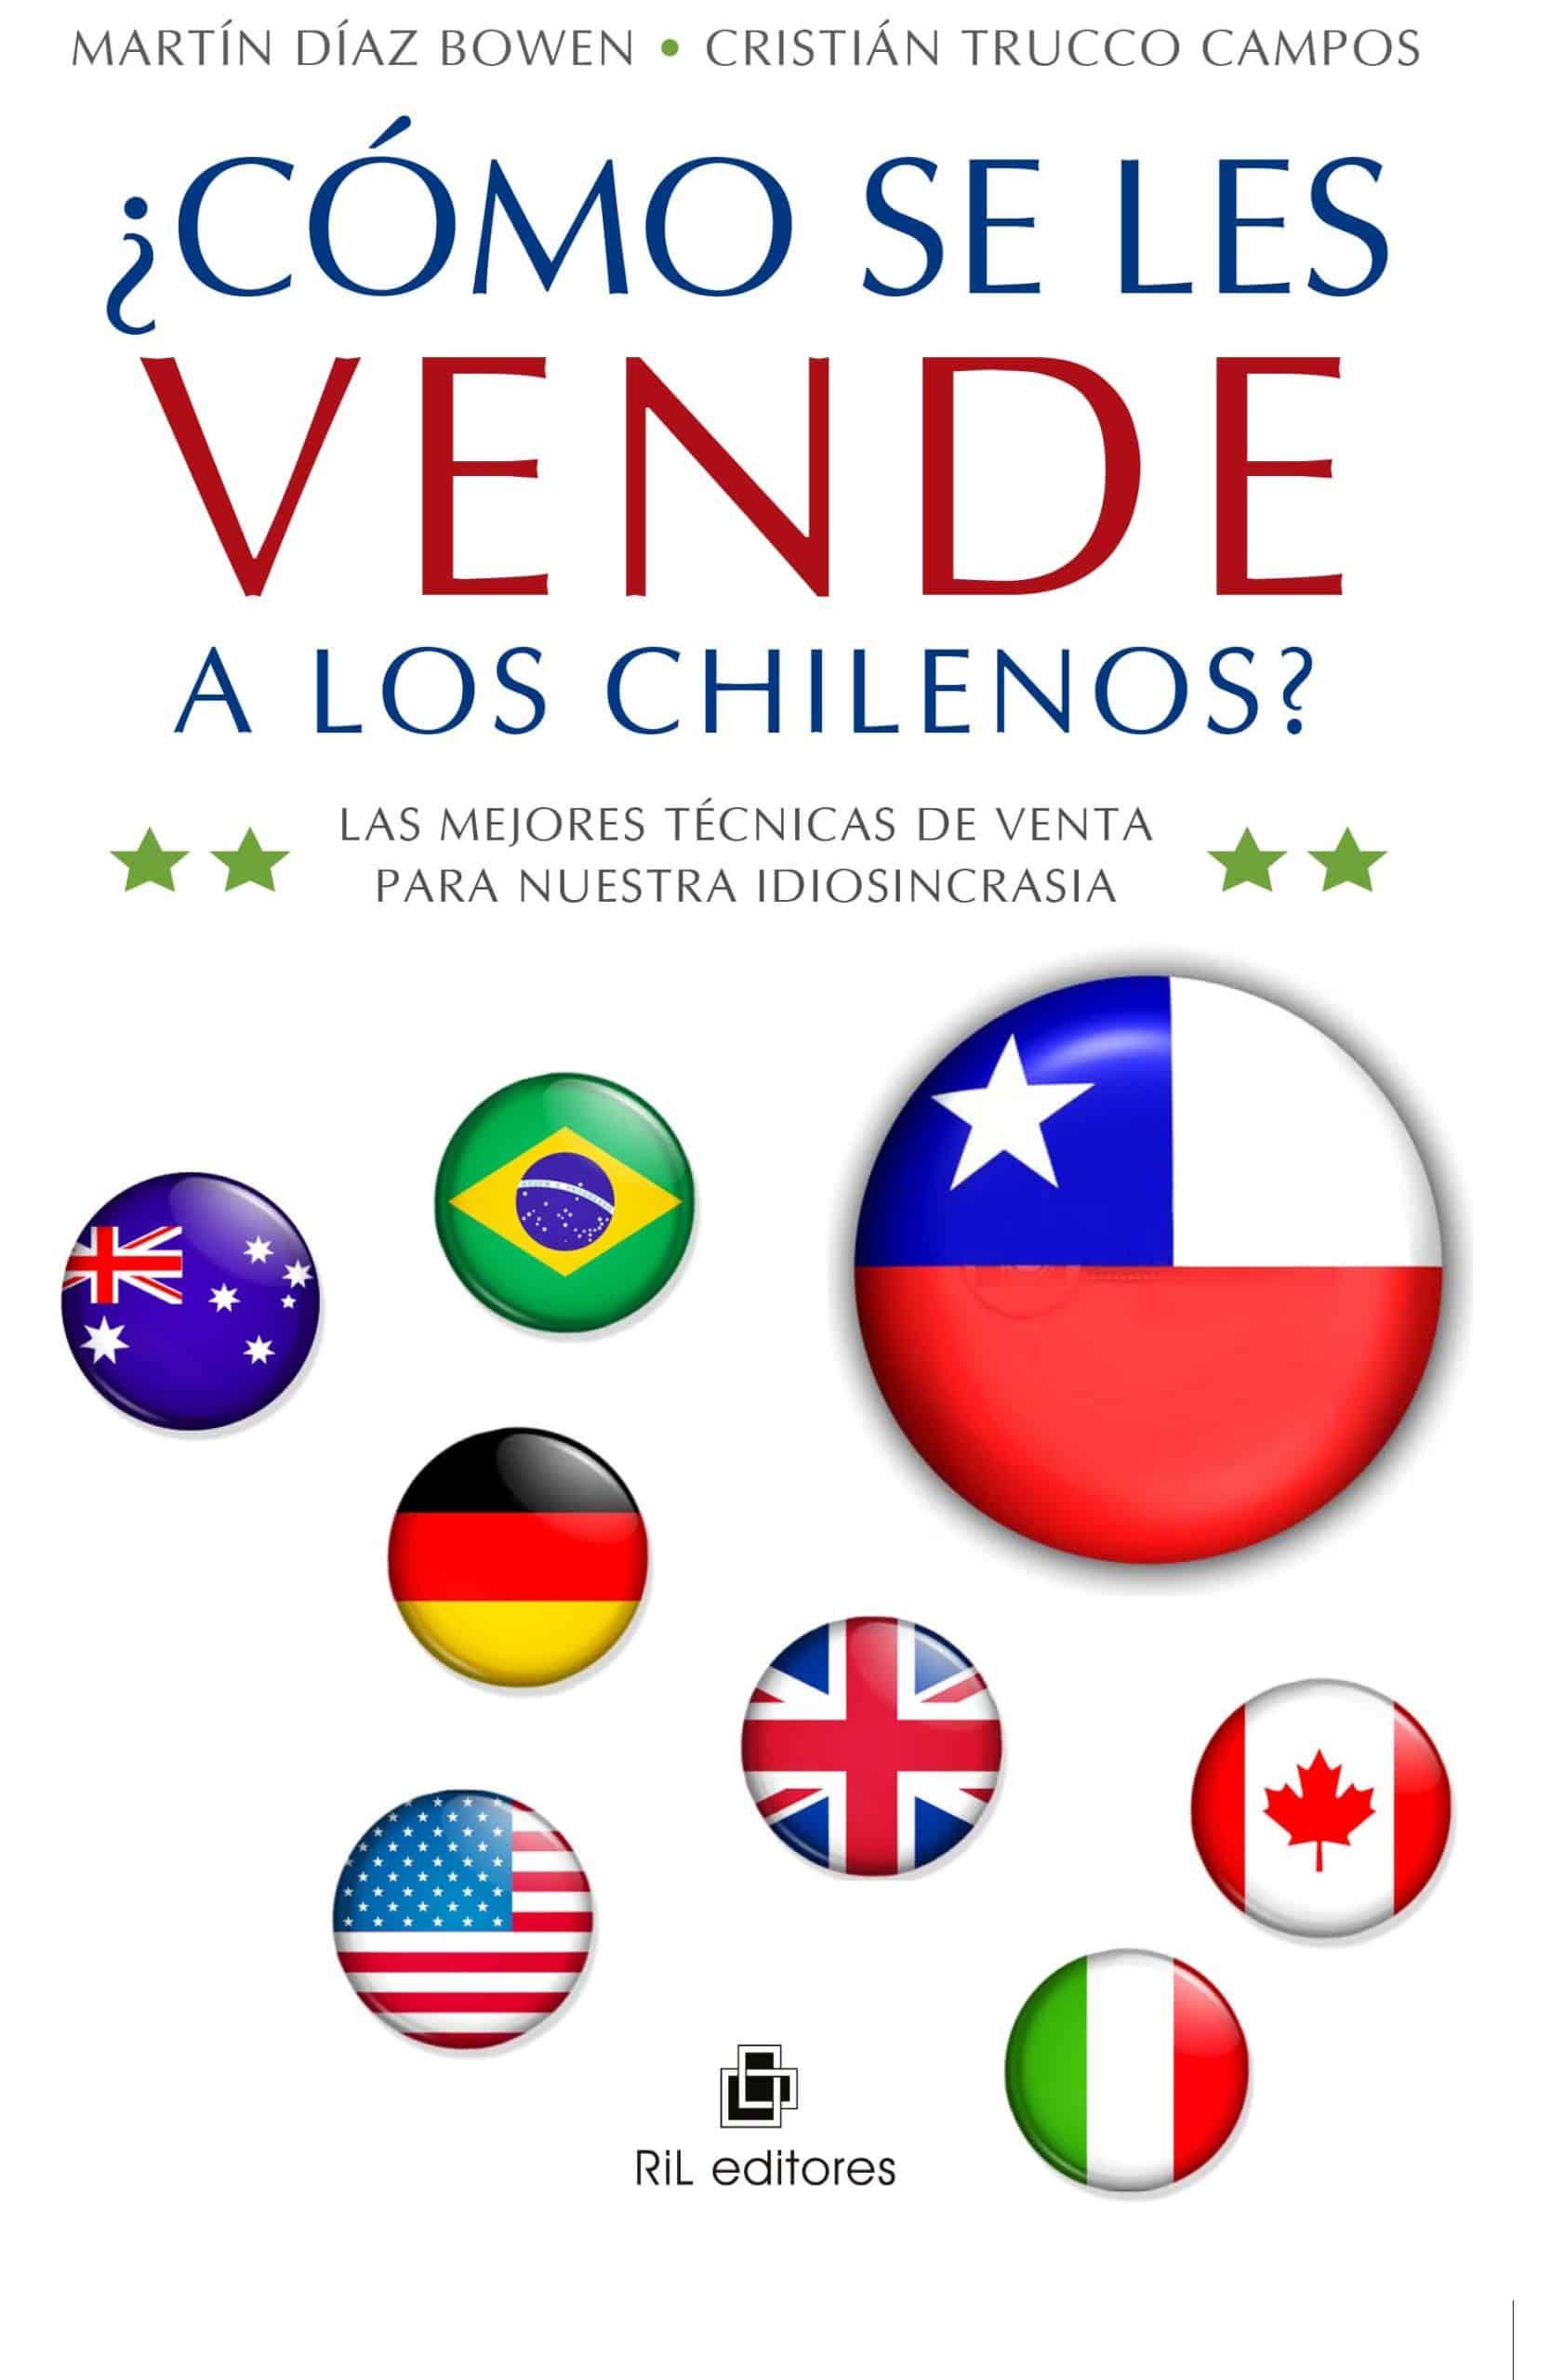 ¿Cómo se les vende a los chilenos? Las mejores técnicas de venta para nuestra idiosincrasia 1